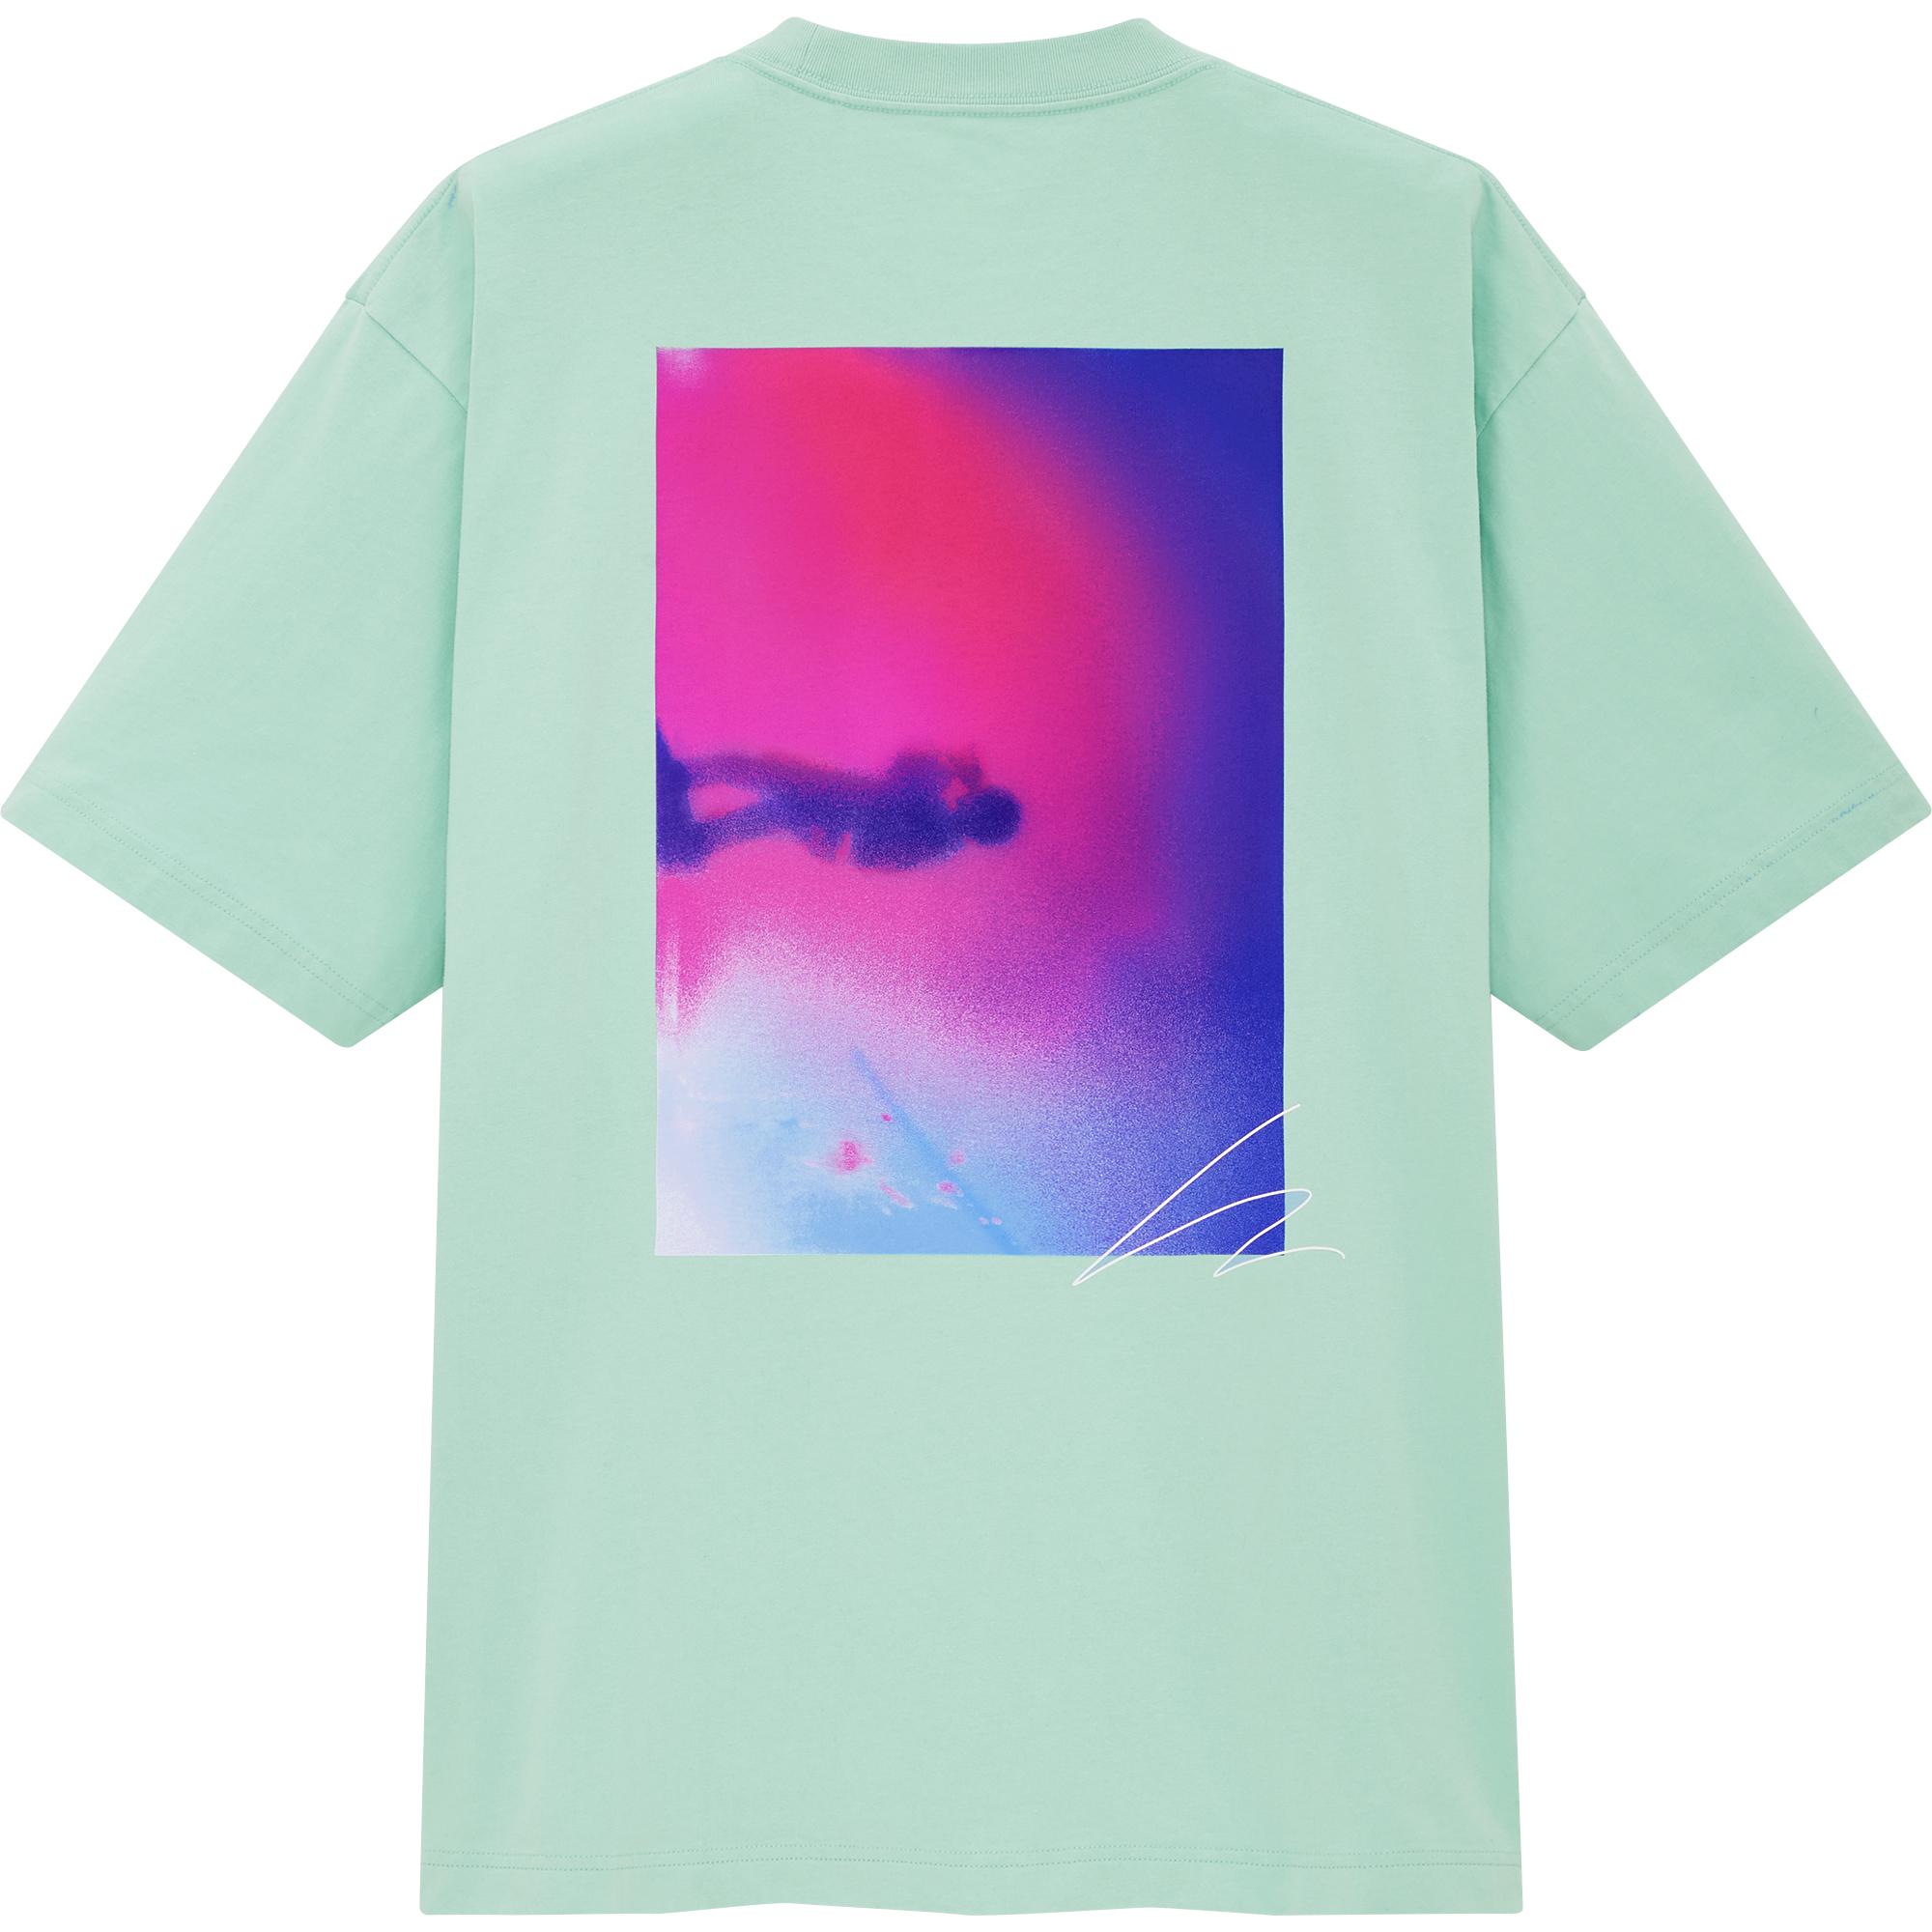 米津玄師×UT_TシャツB2